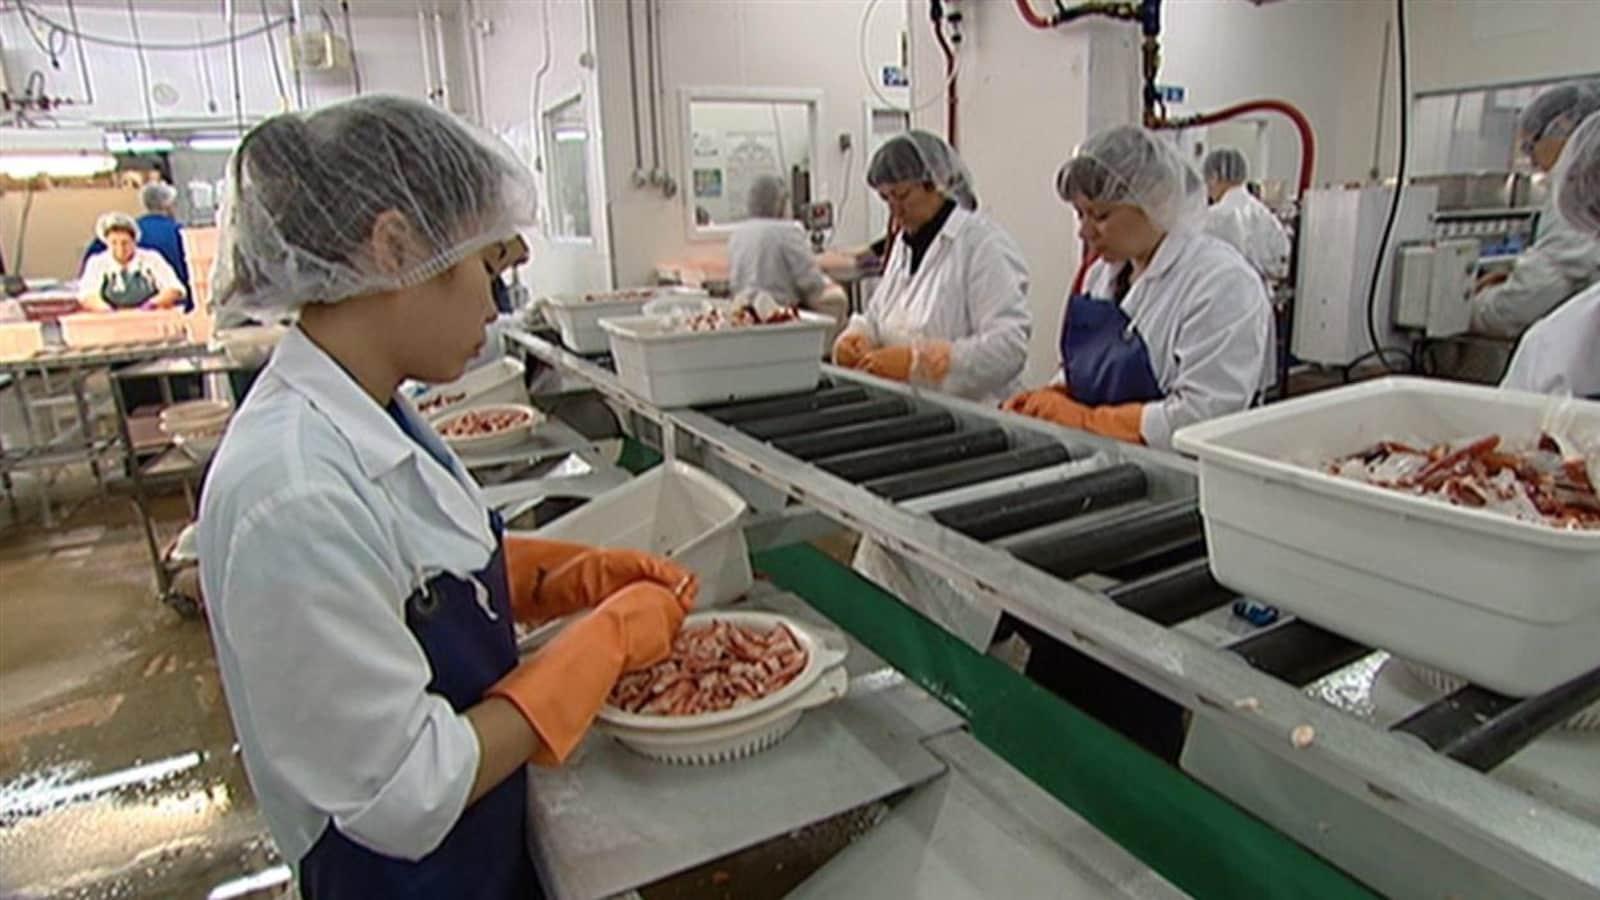 Des travailleurs étrangers dans une usine de transformation alimentaire